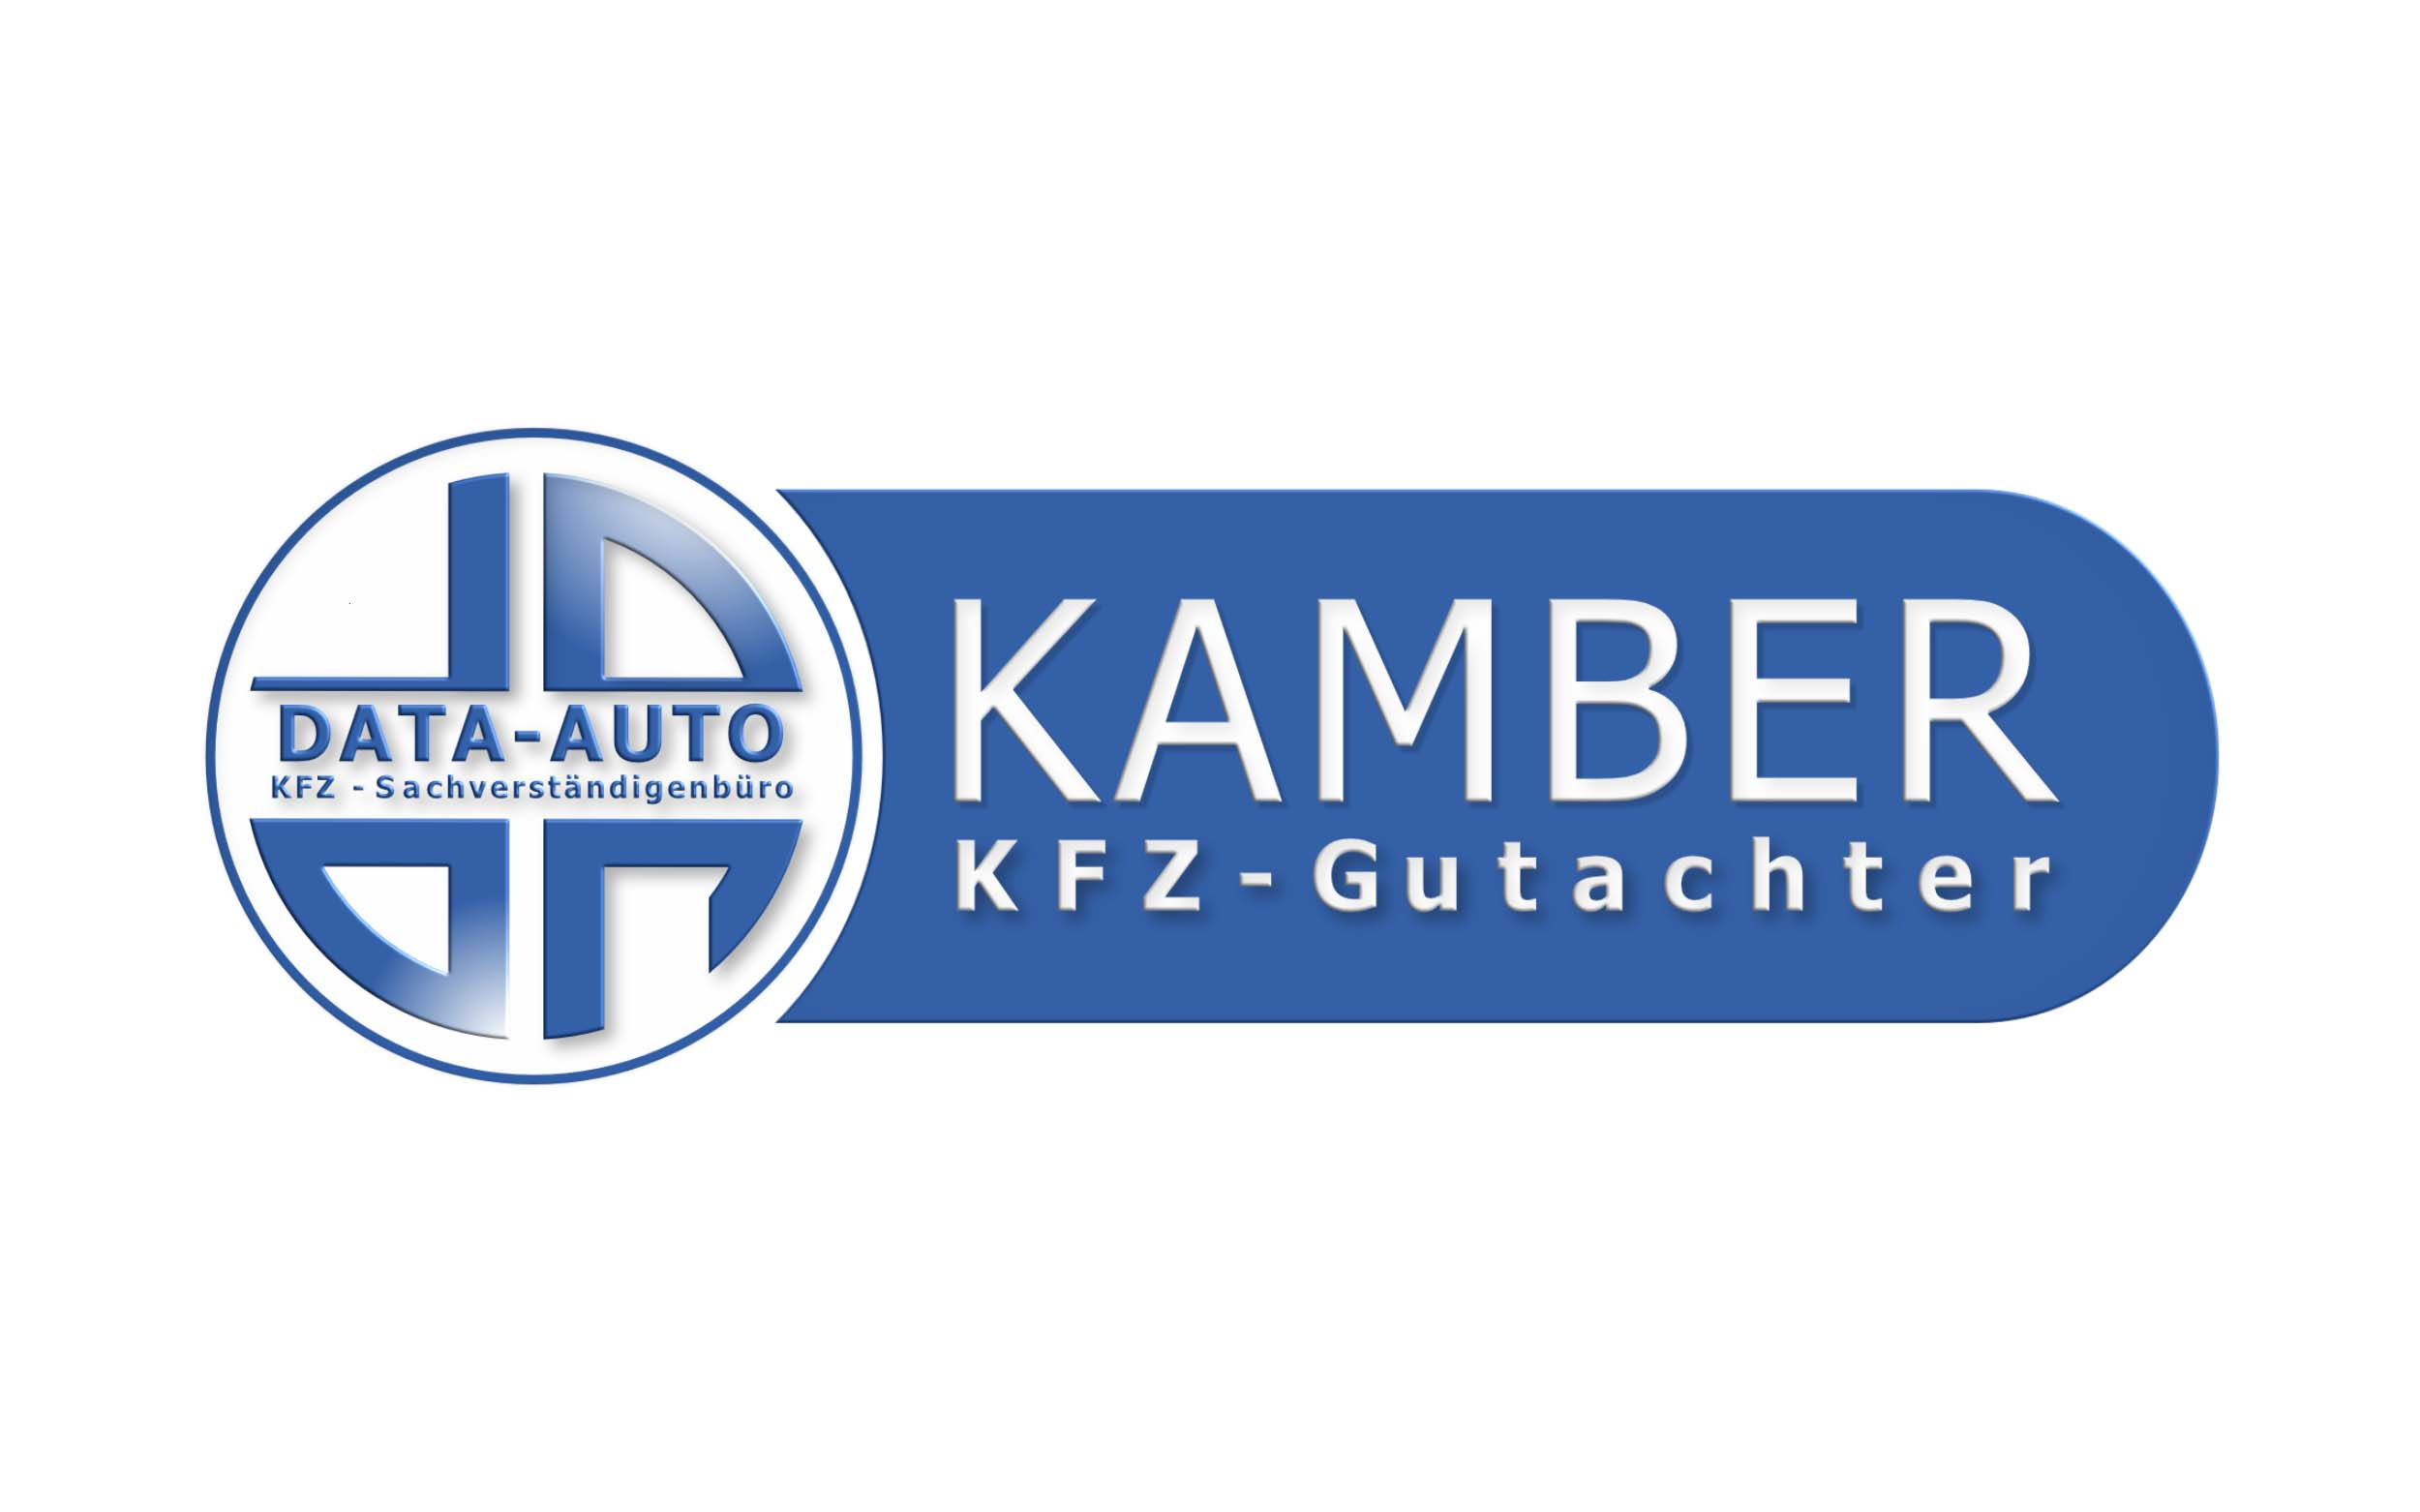 Kamber.logo.3d  2